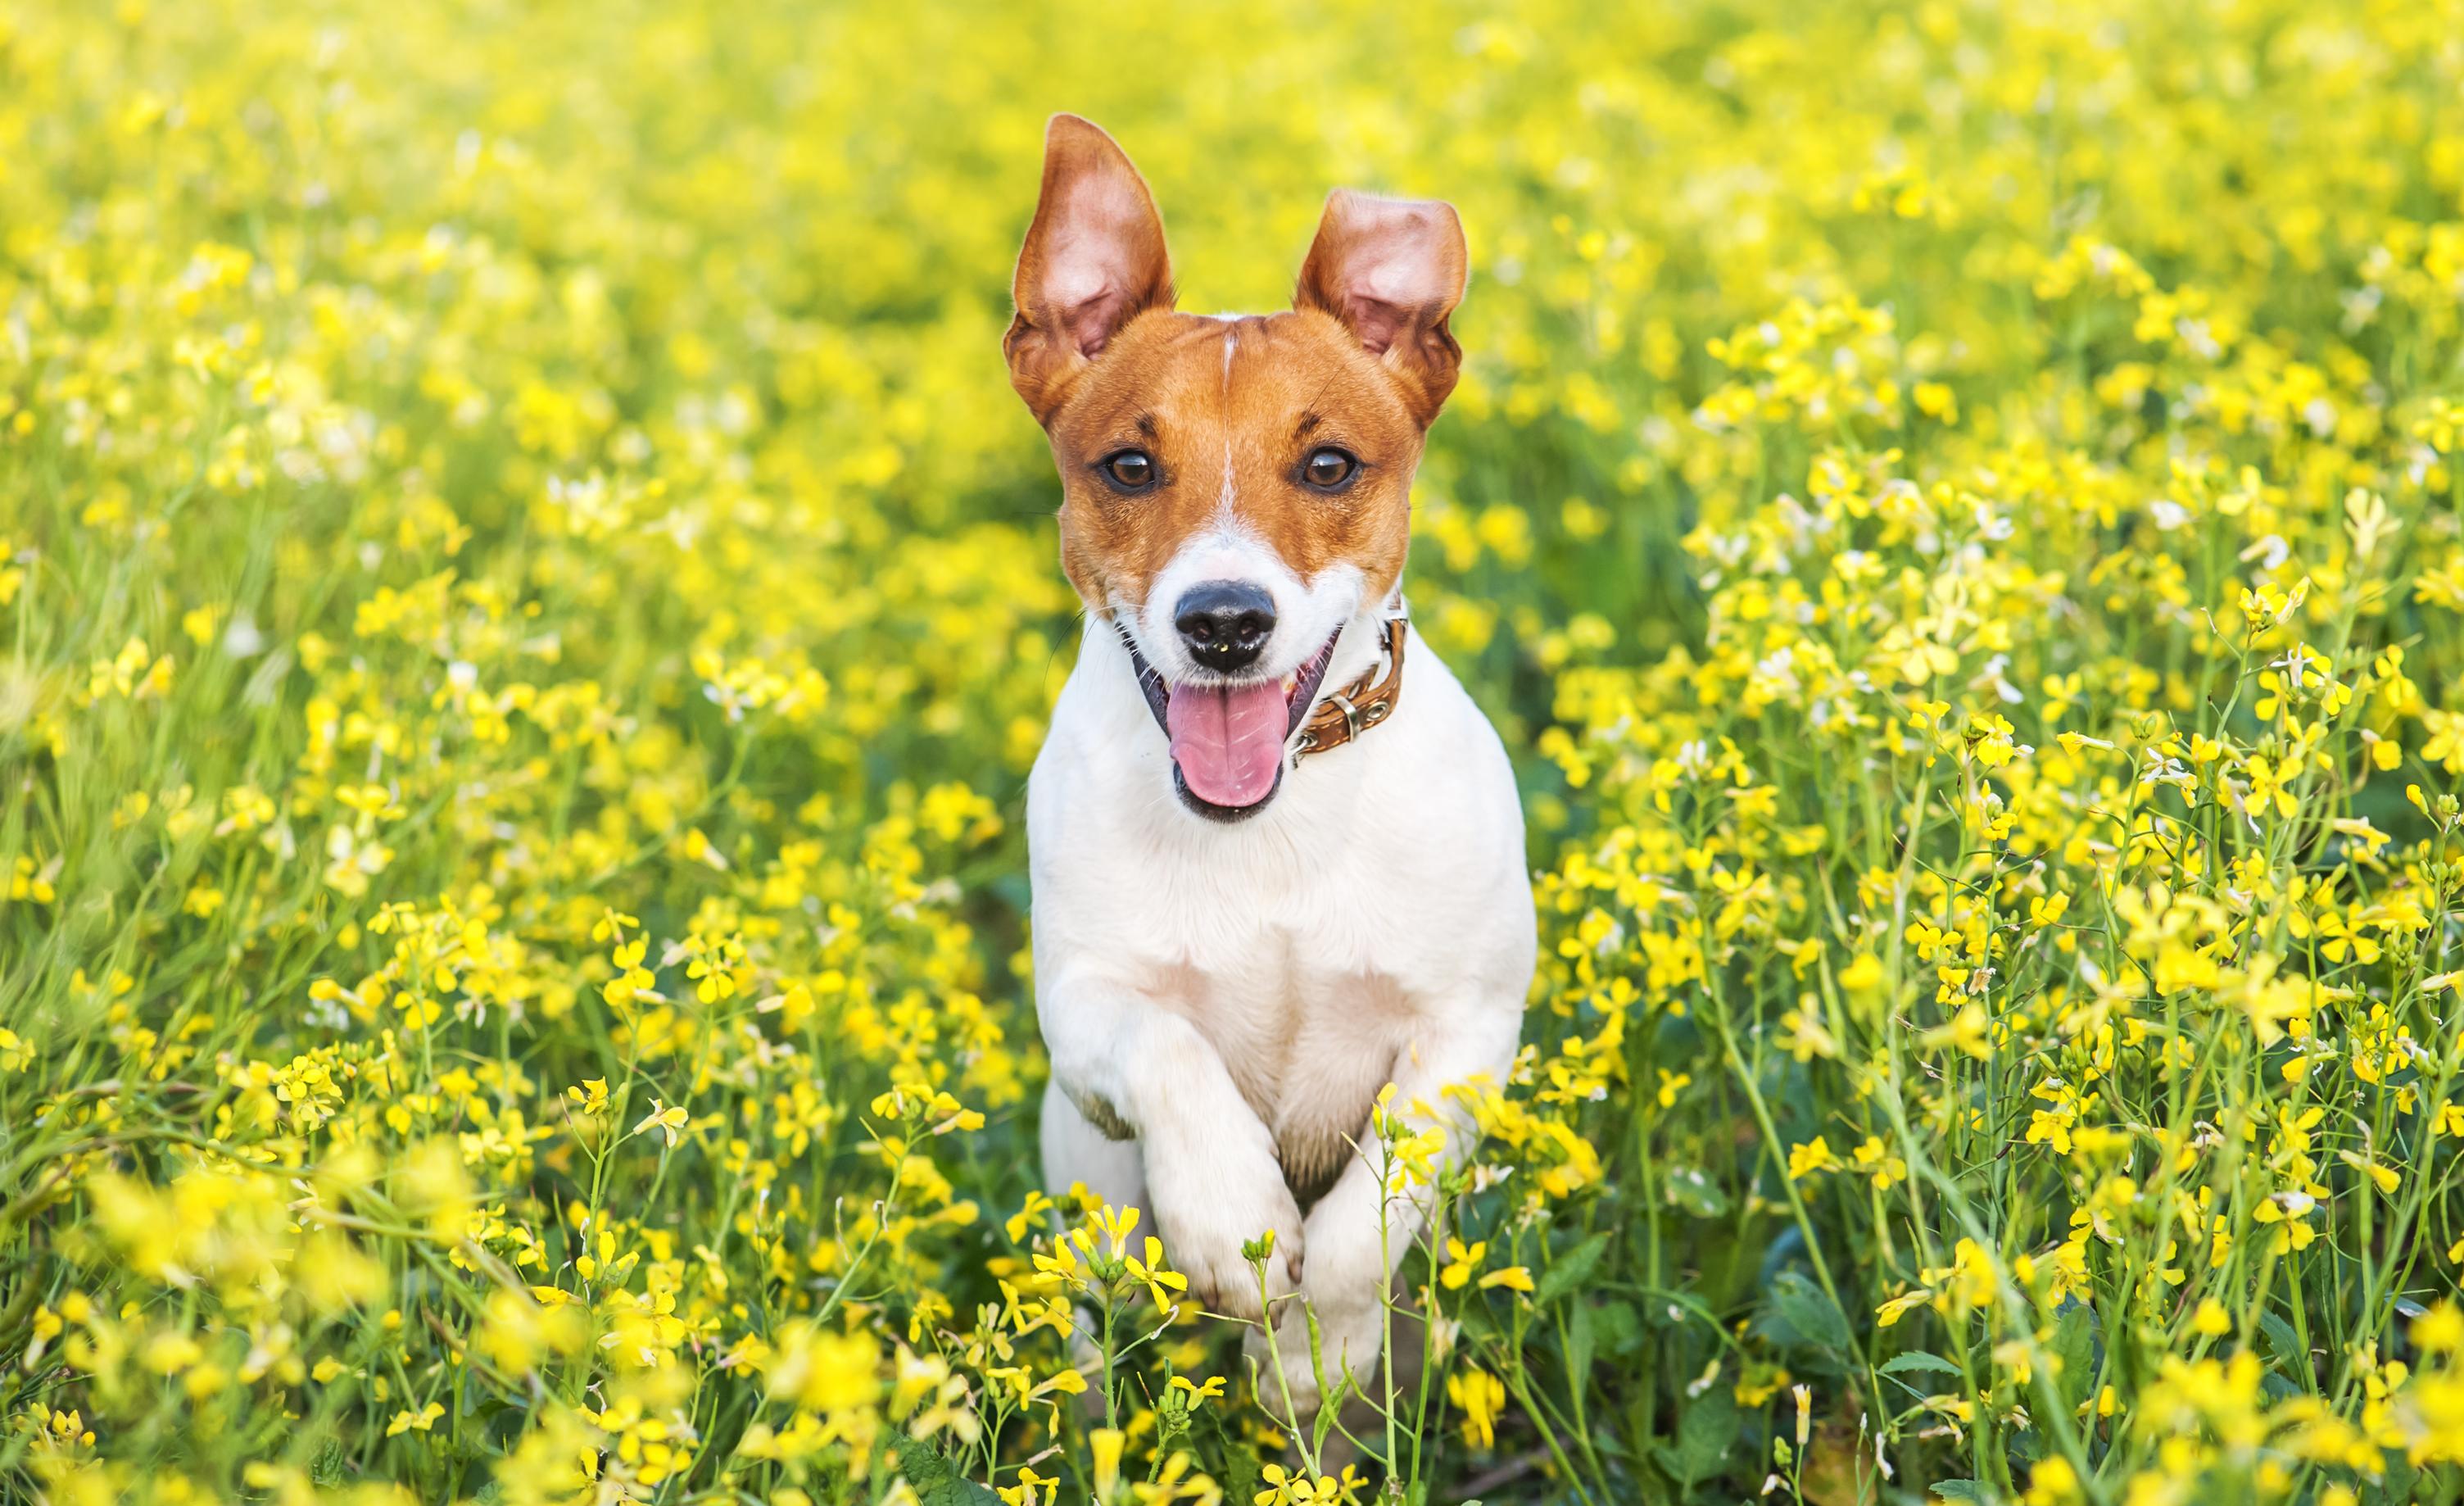 Oftast debuterar luftburna allergier när hunden är mellan ett och tre år gammal, säger veterinären Lotta Möller.